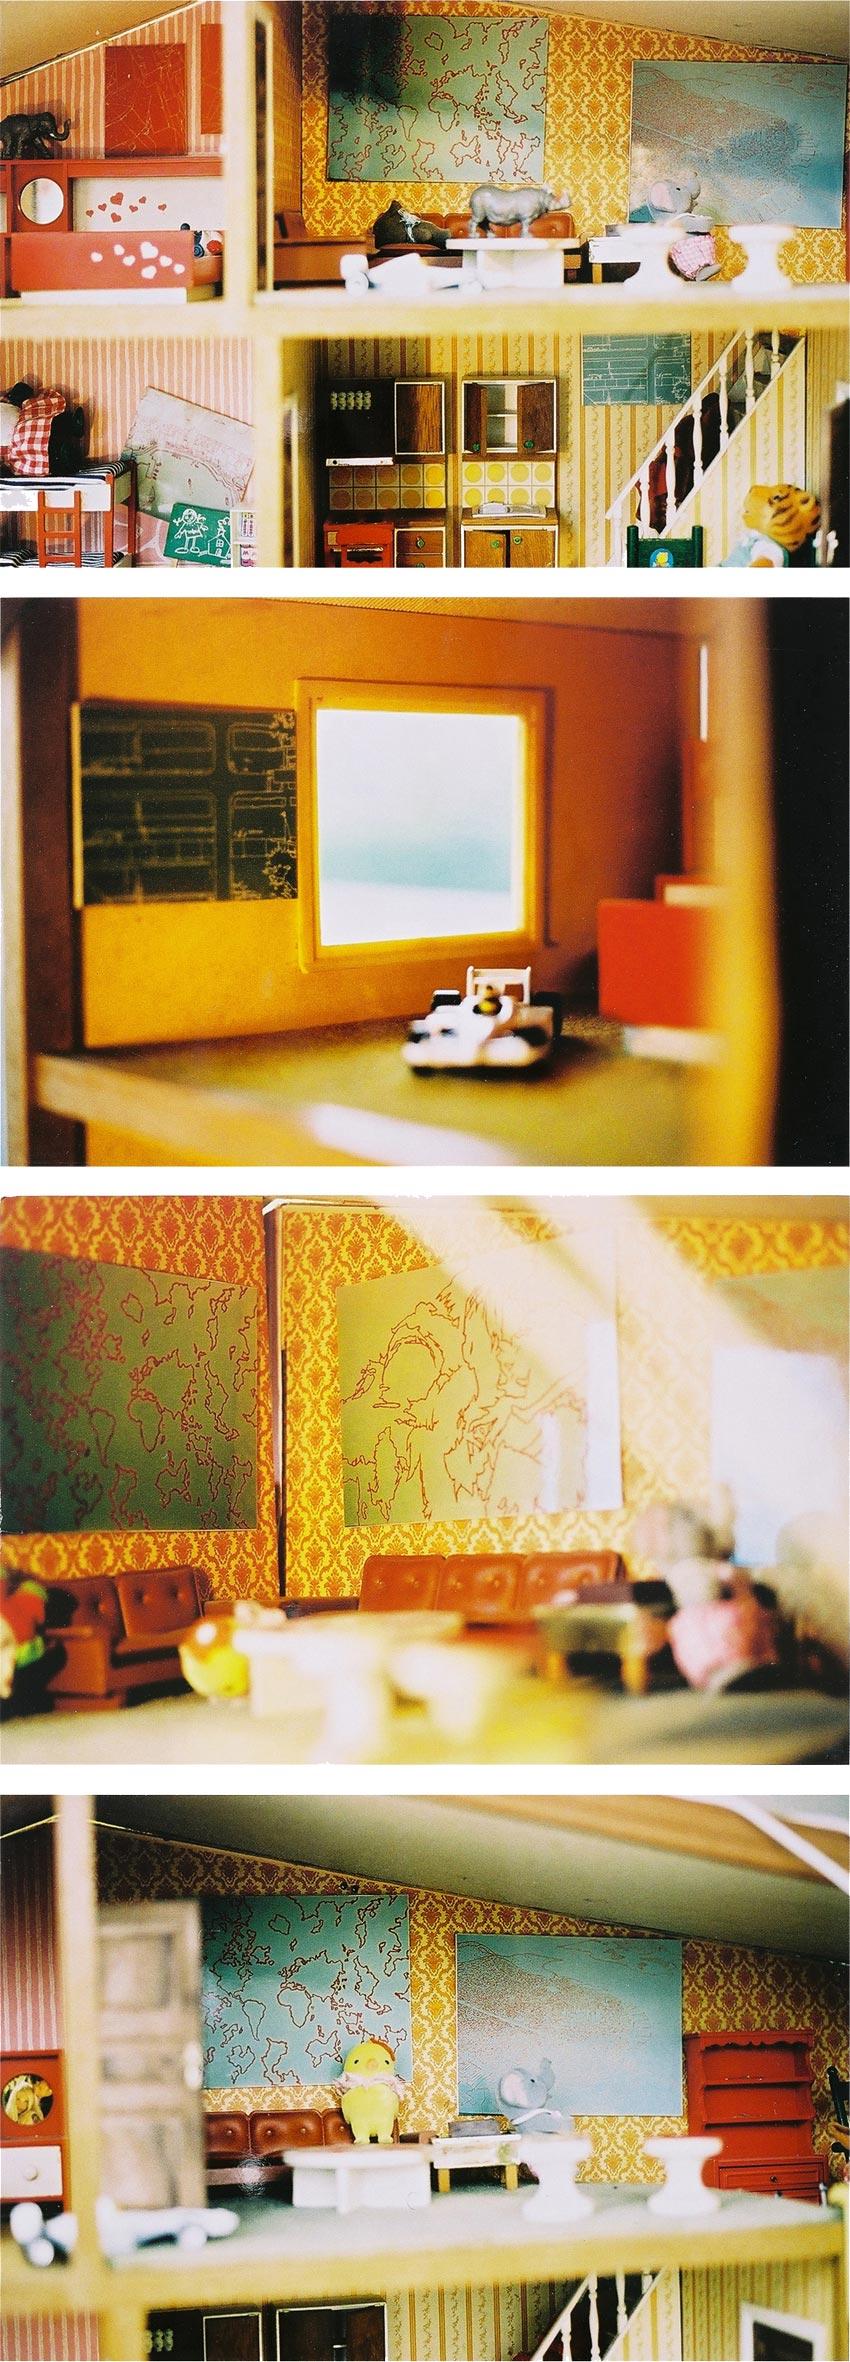 Tobias Gossow - Ausstellung - Einzelausstellung in einem Puppenhaus